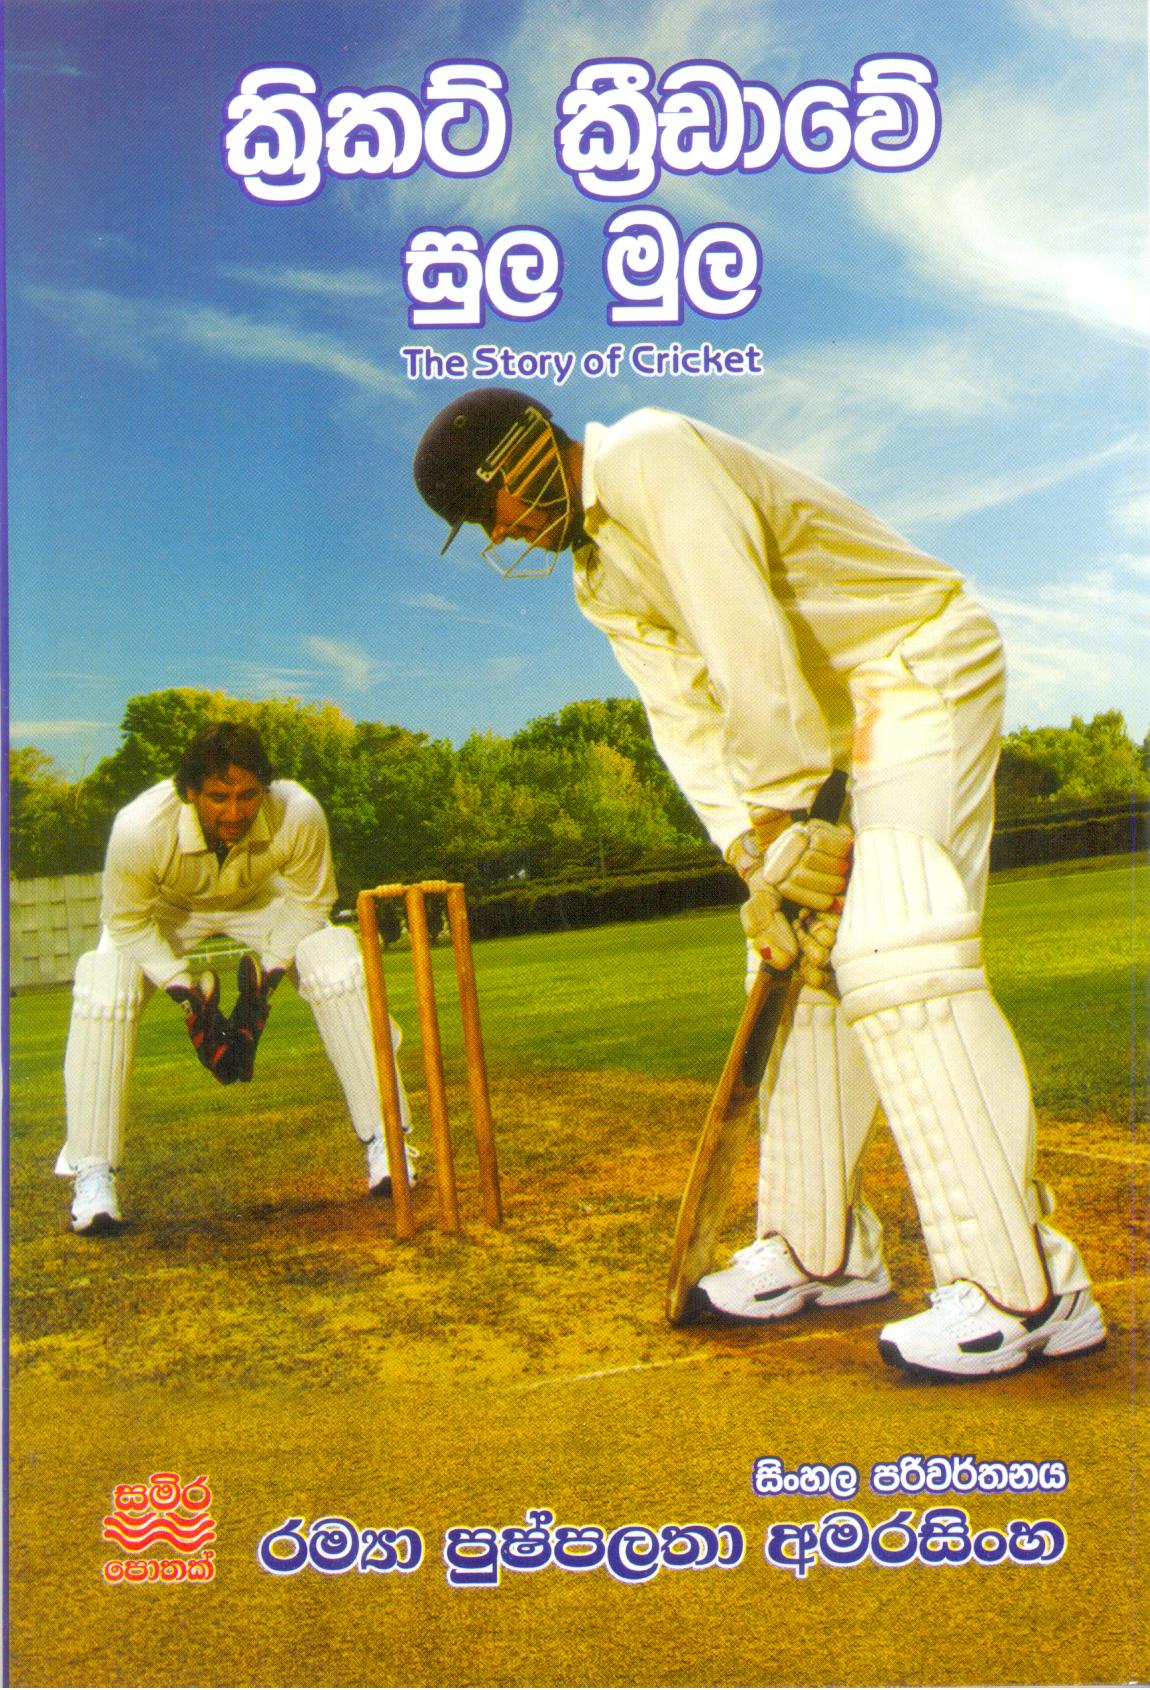 Cricket Kridawe Sula Mula